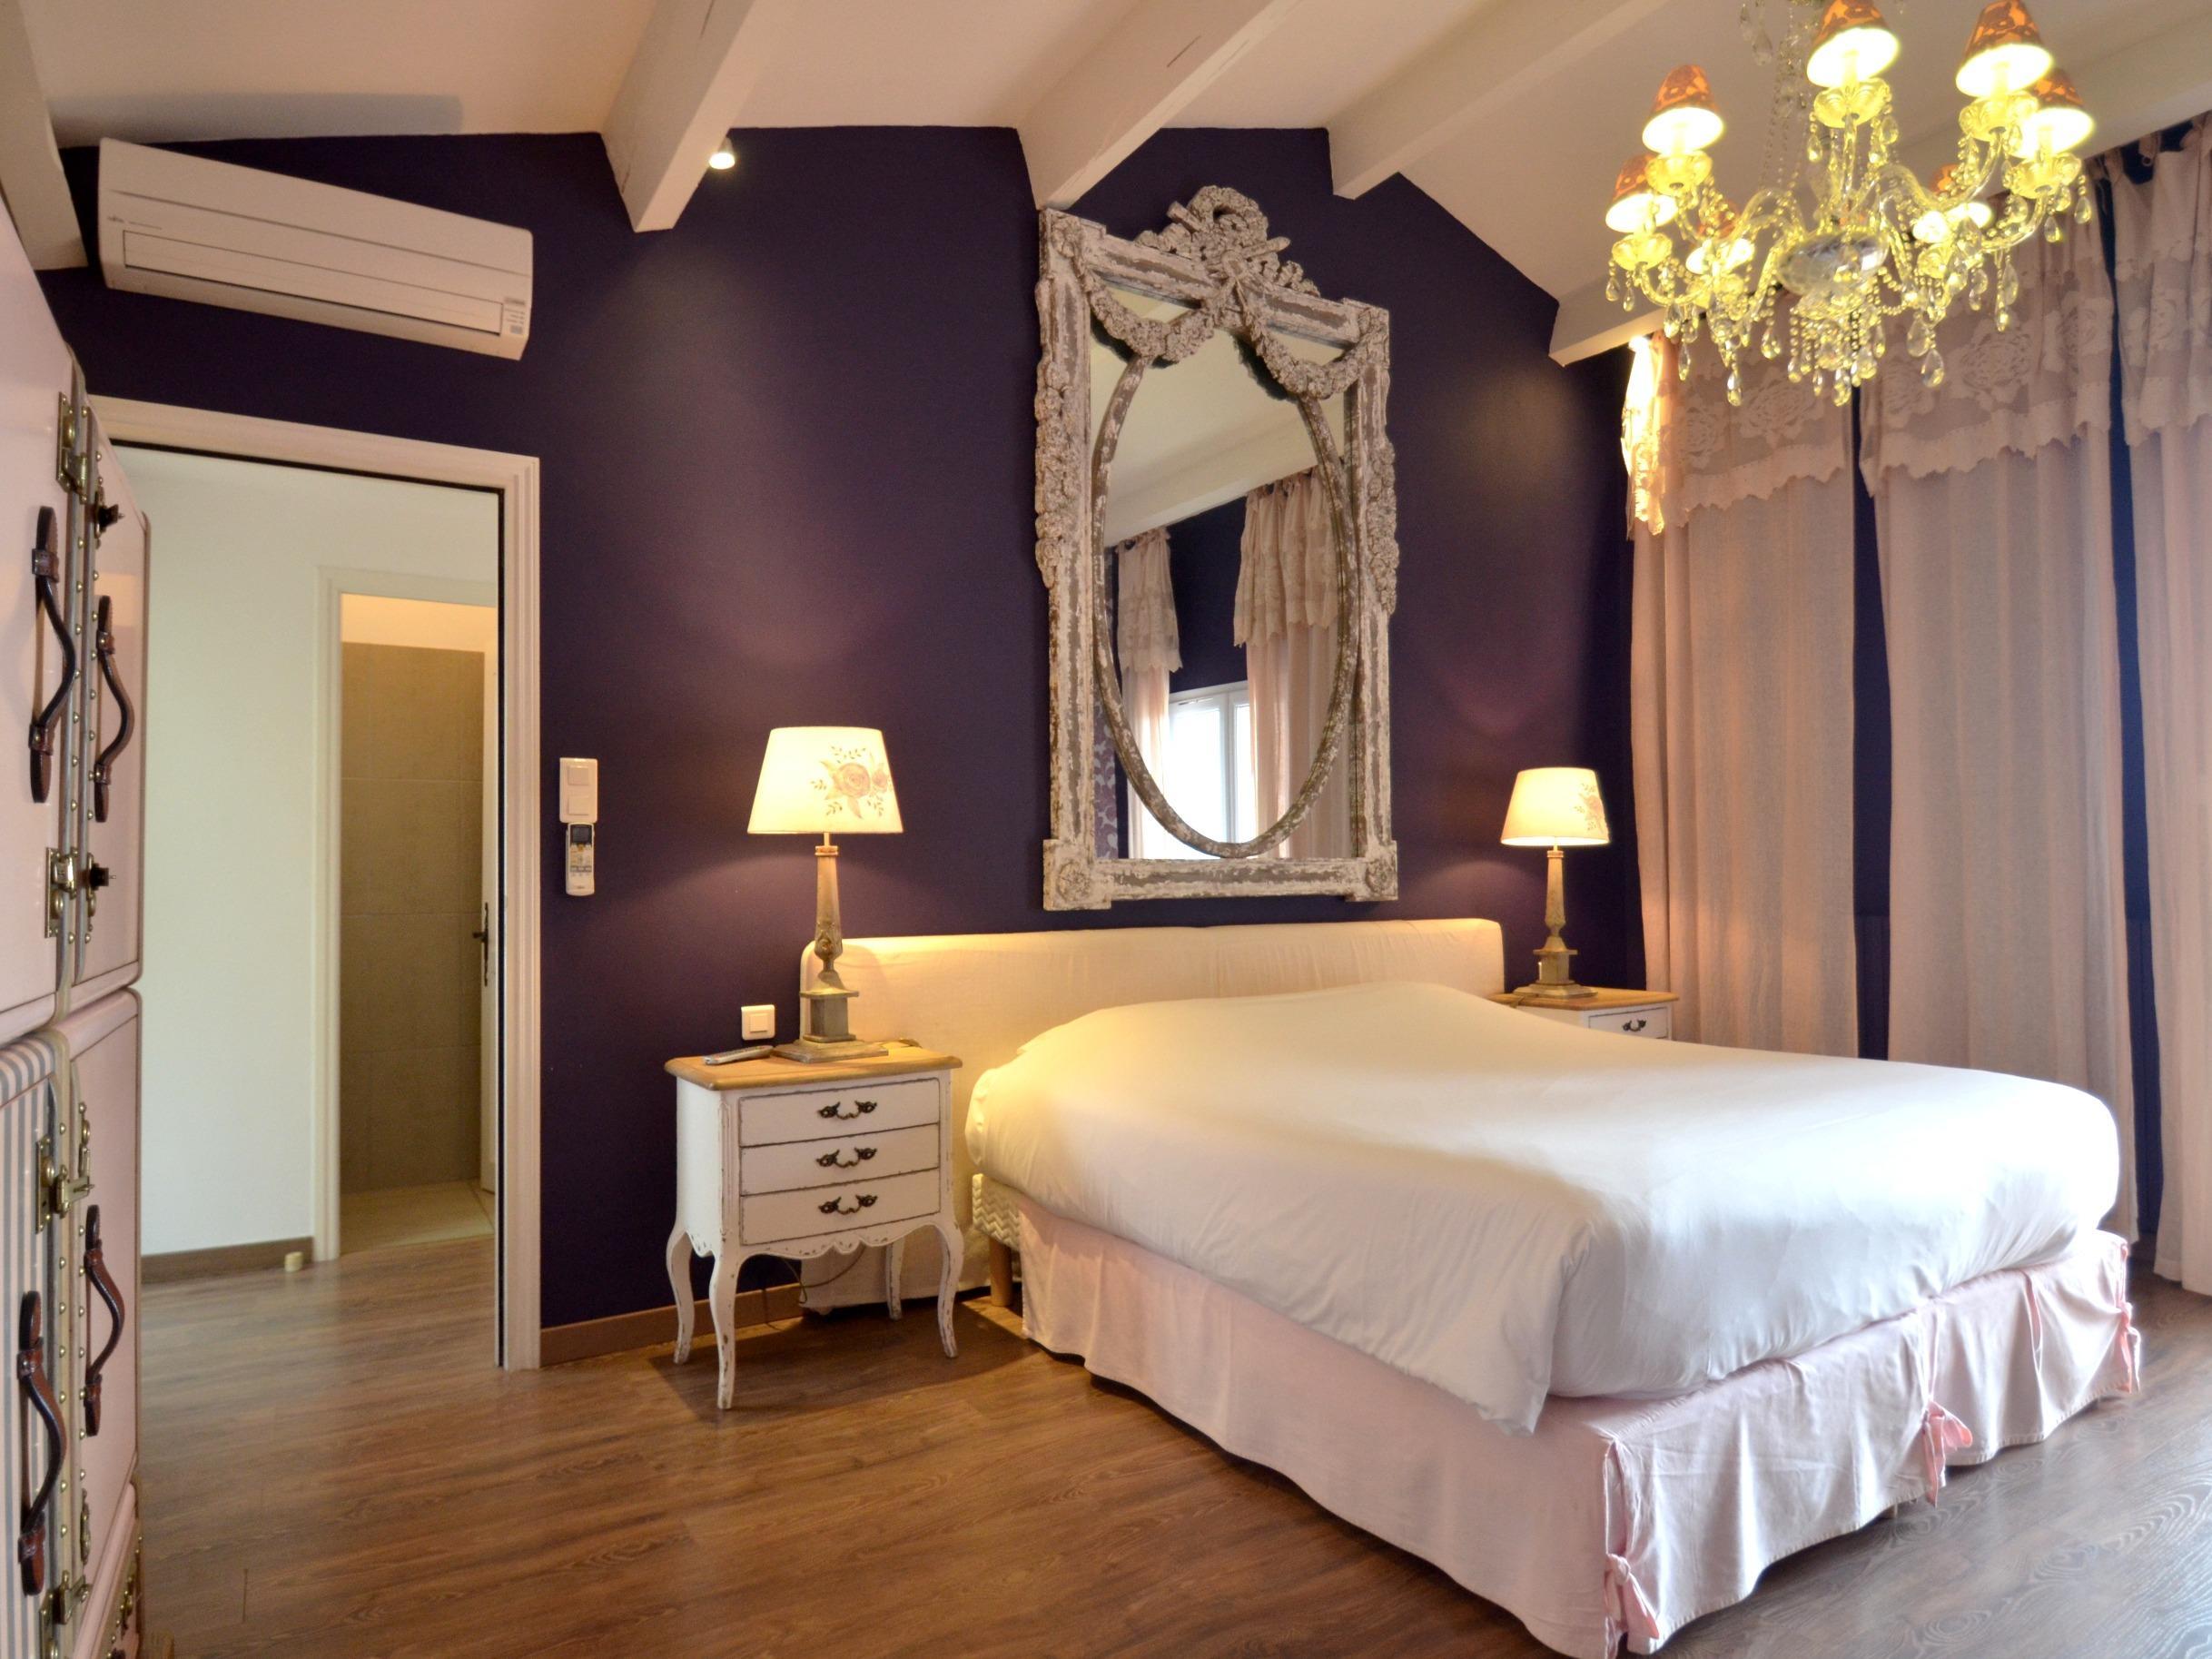 hotel-des-pins-rest-l-esprit-jardin-chambres-bedoin-172468 Frais De Magasin De Jardinage Schème